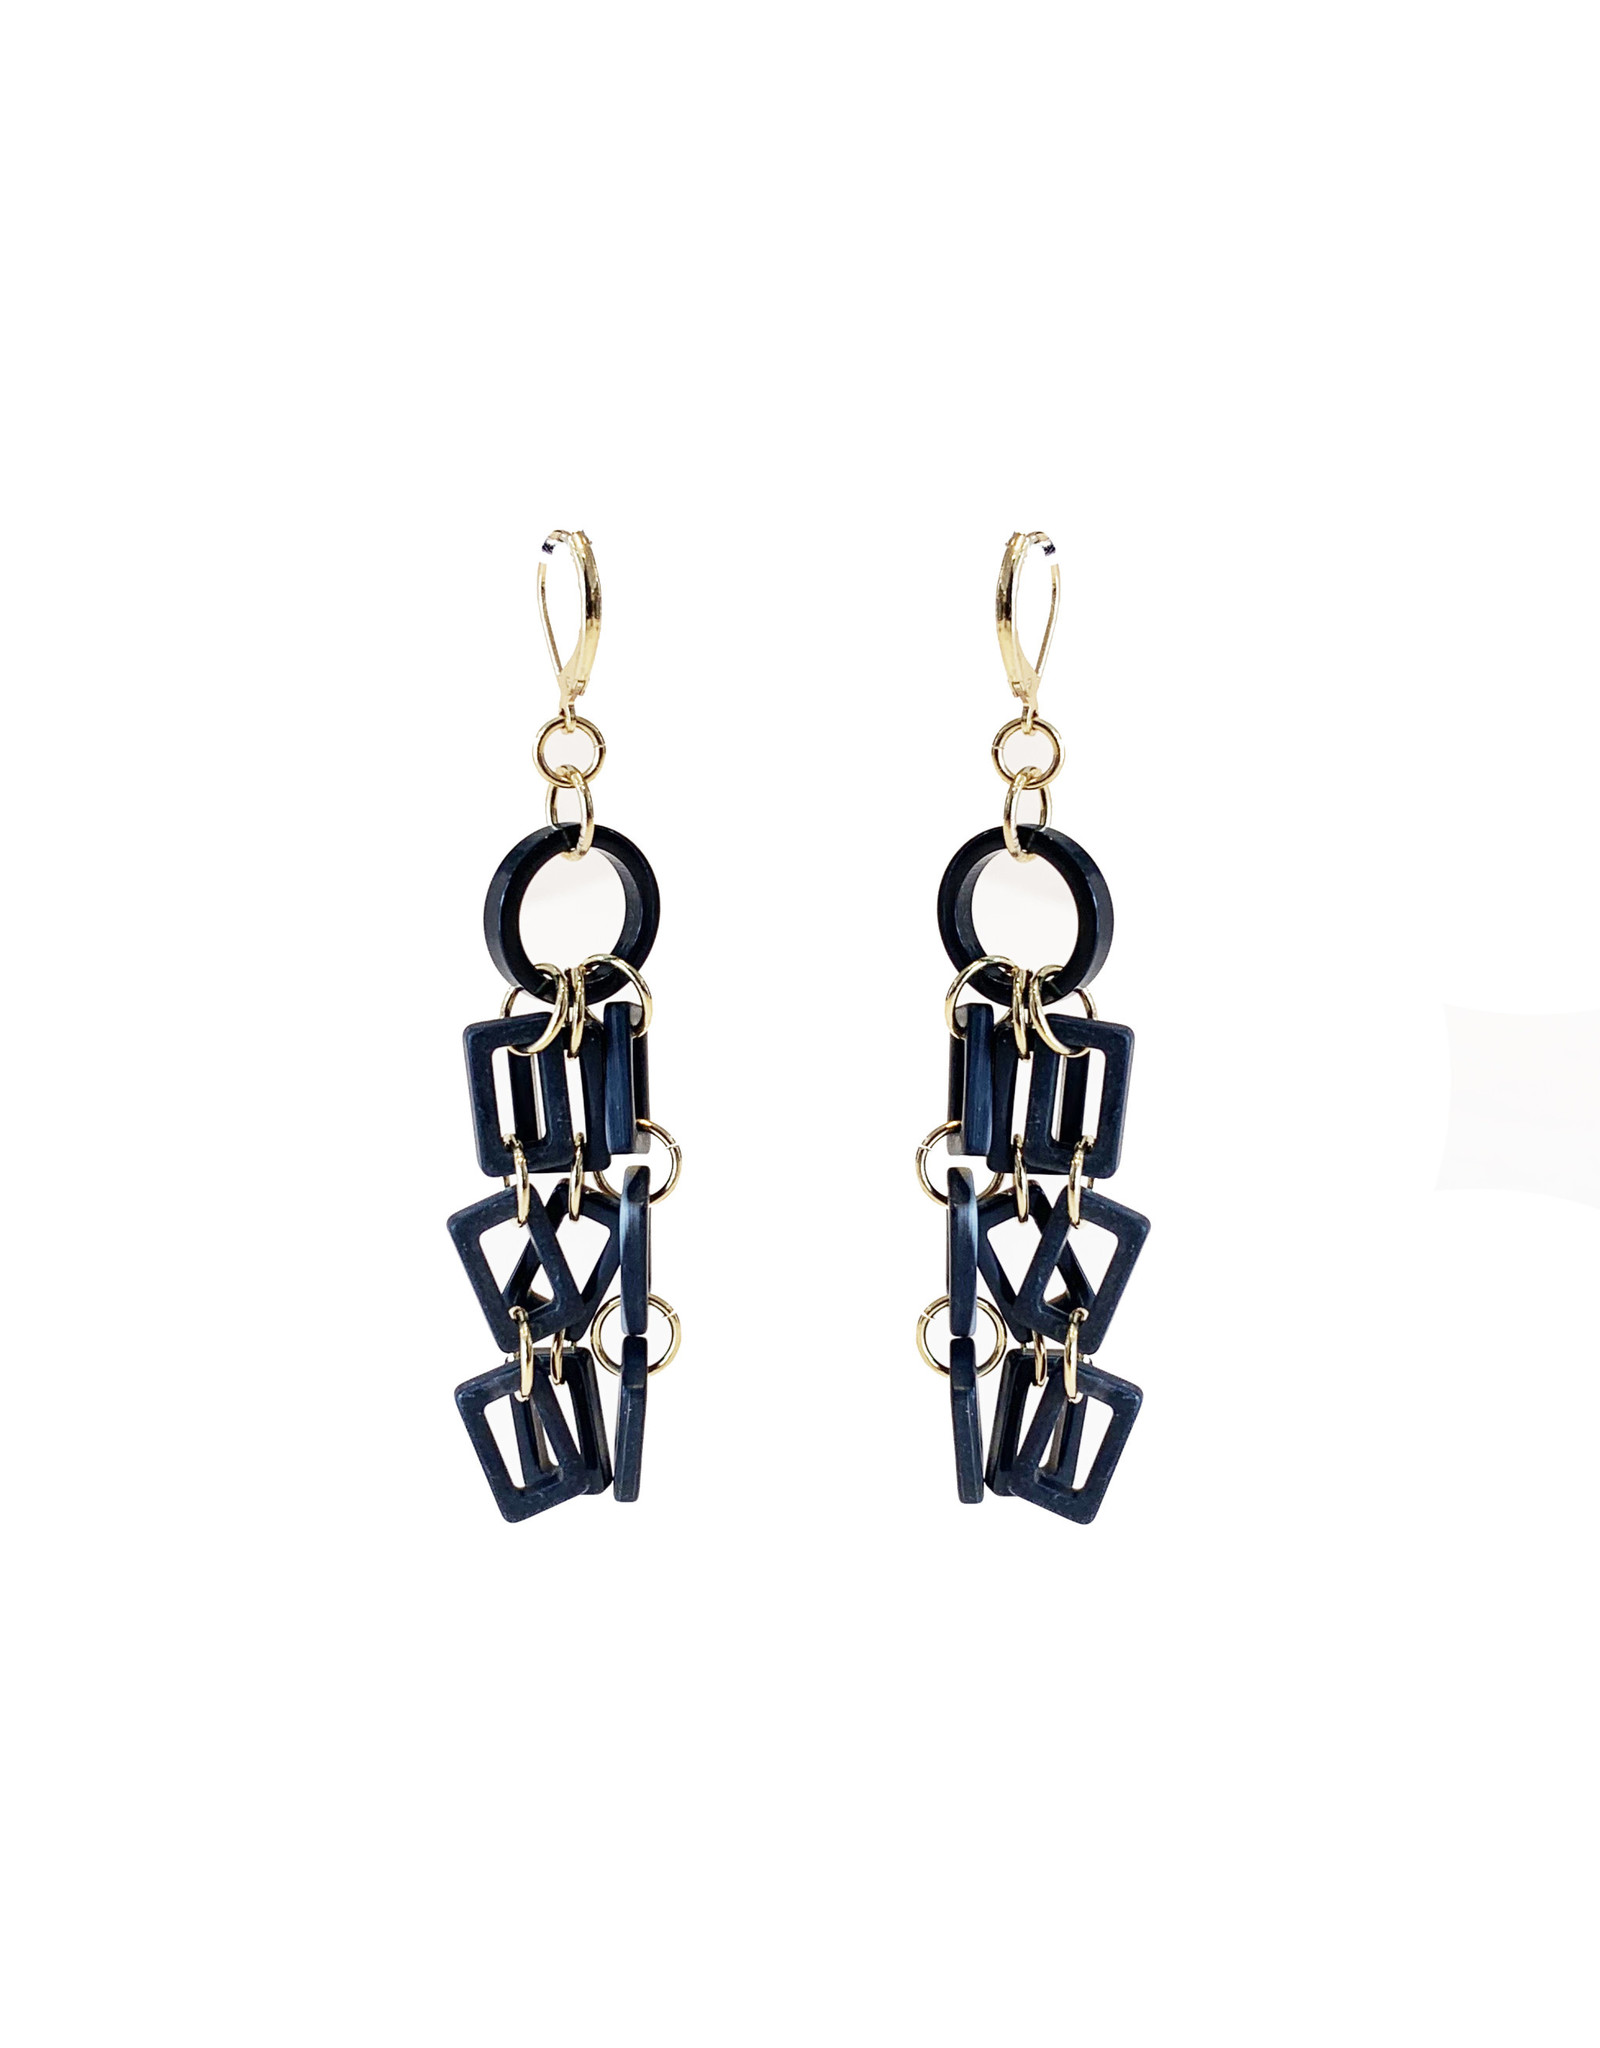 CATHs CATHs Three Chain Earrings